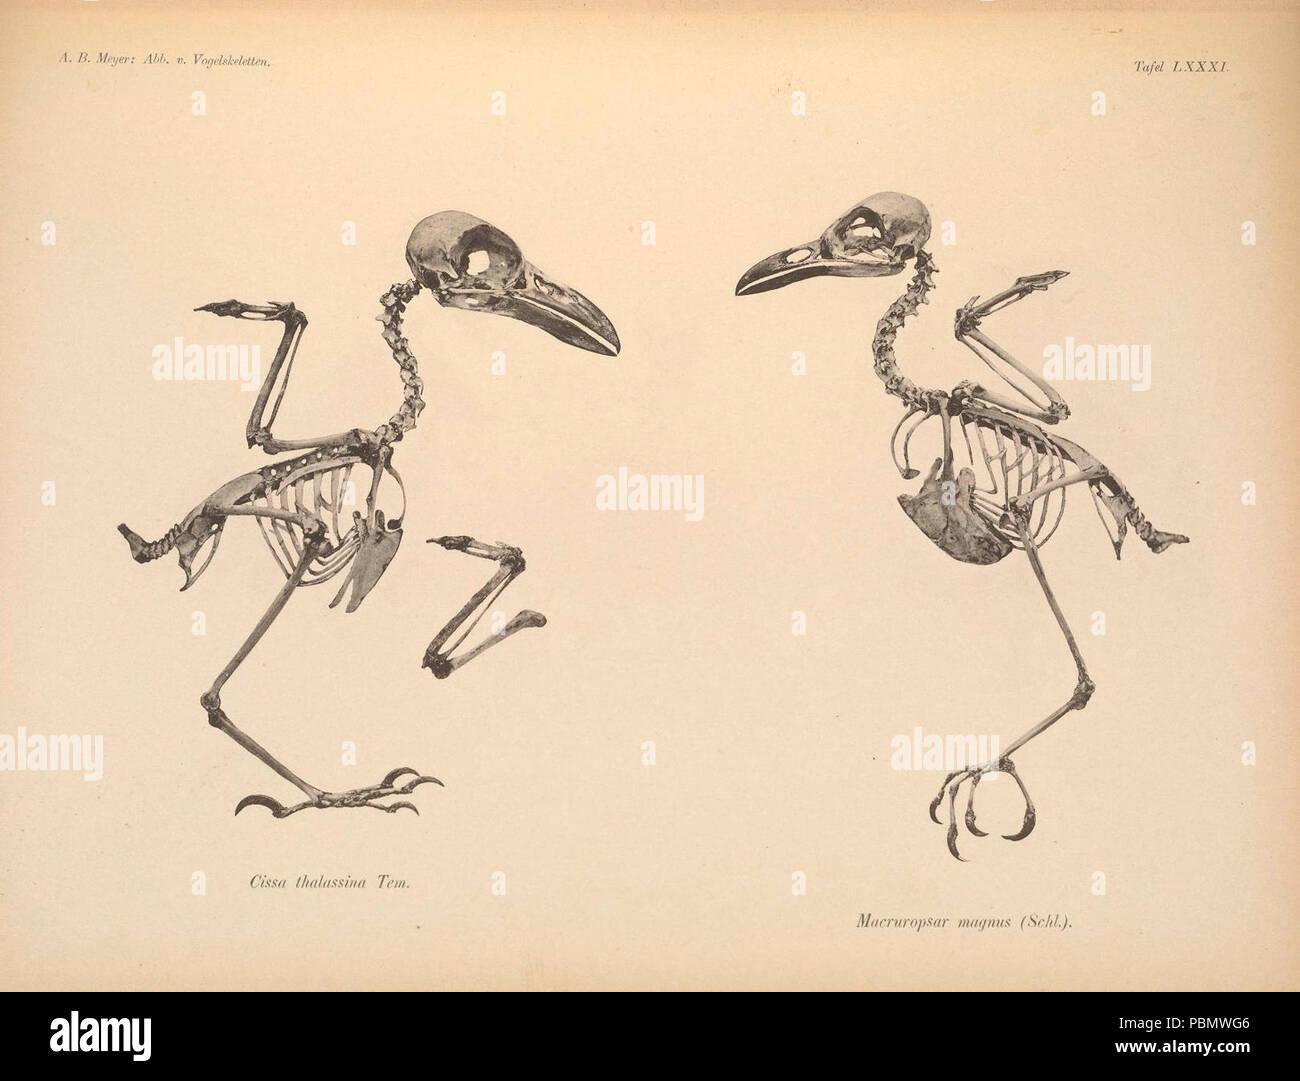 Abbildungen von Vogel-Skeletten (Tafel LXXXI) - Stock Image